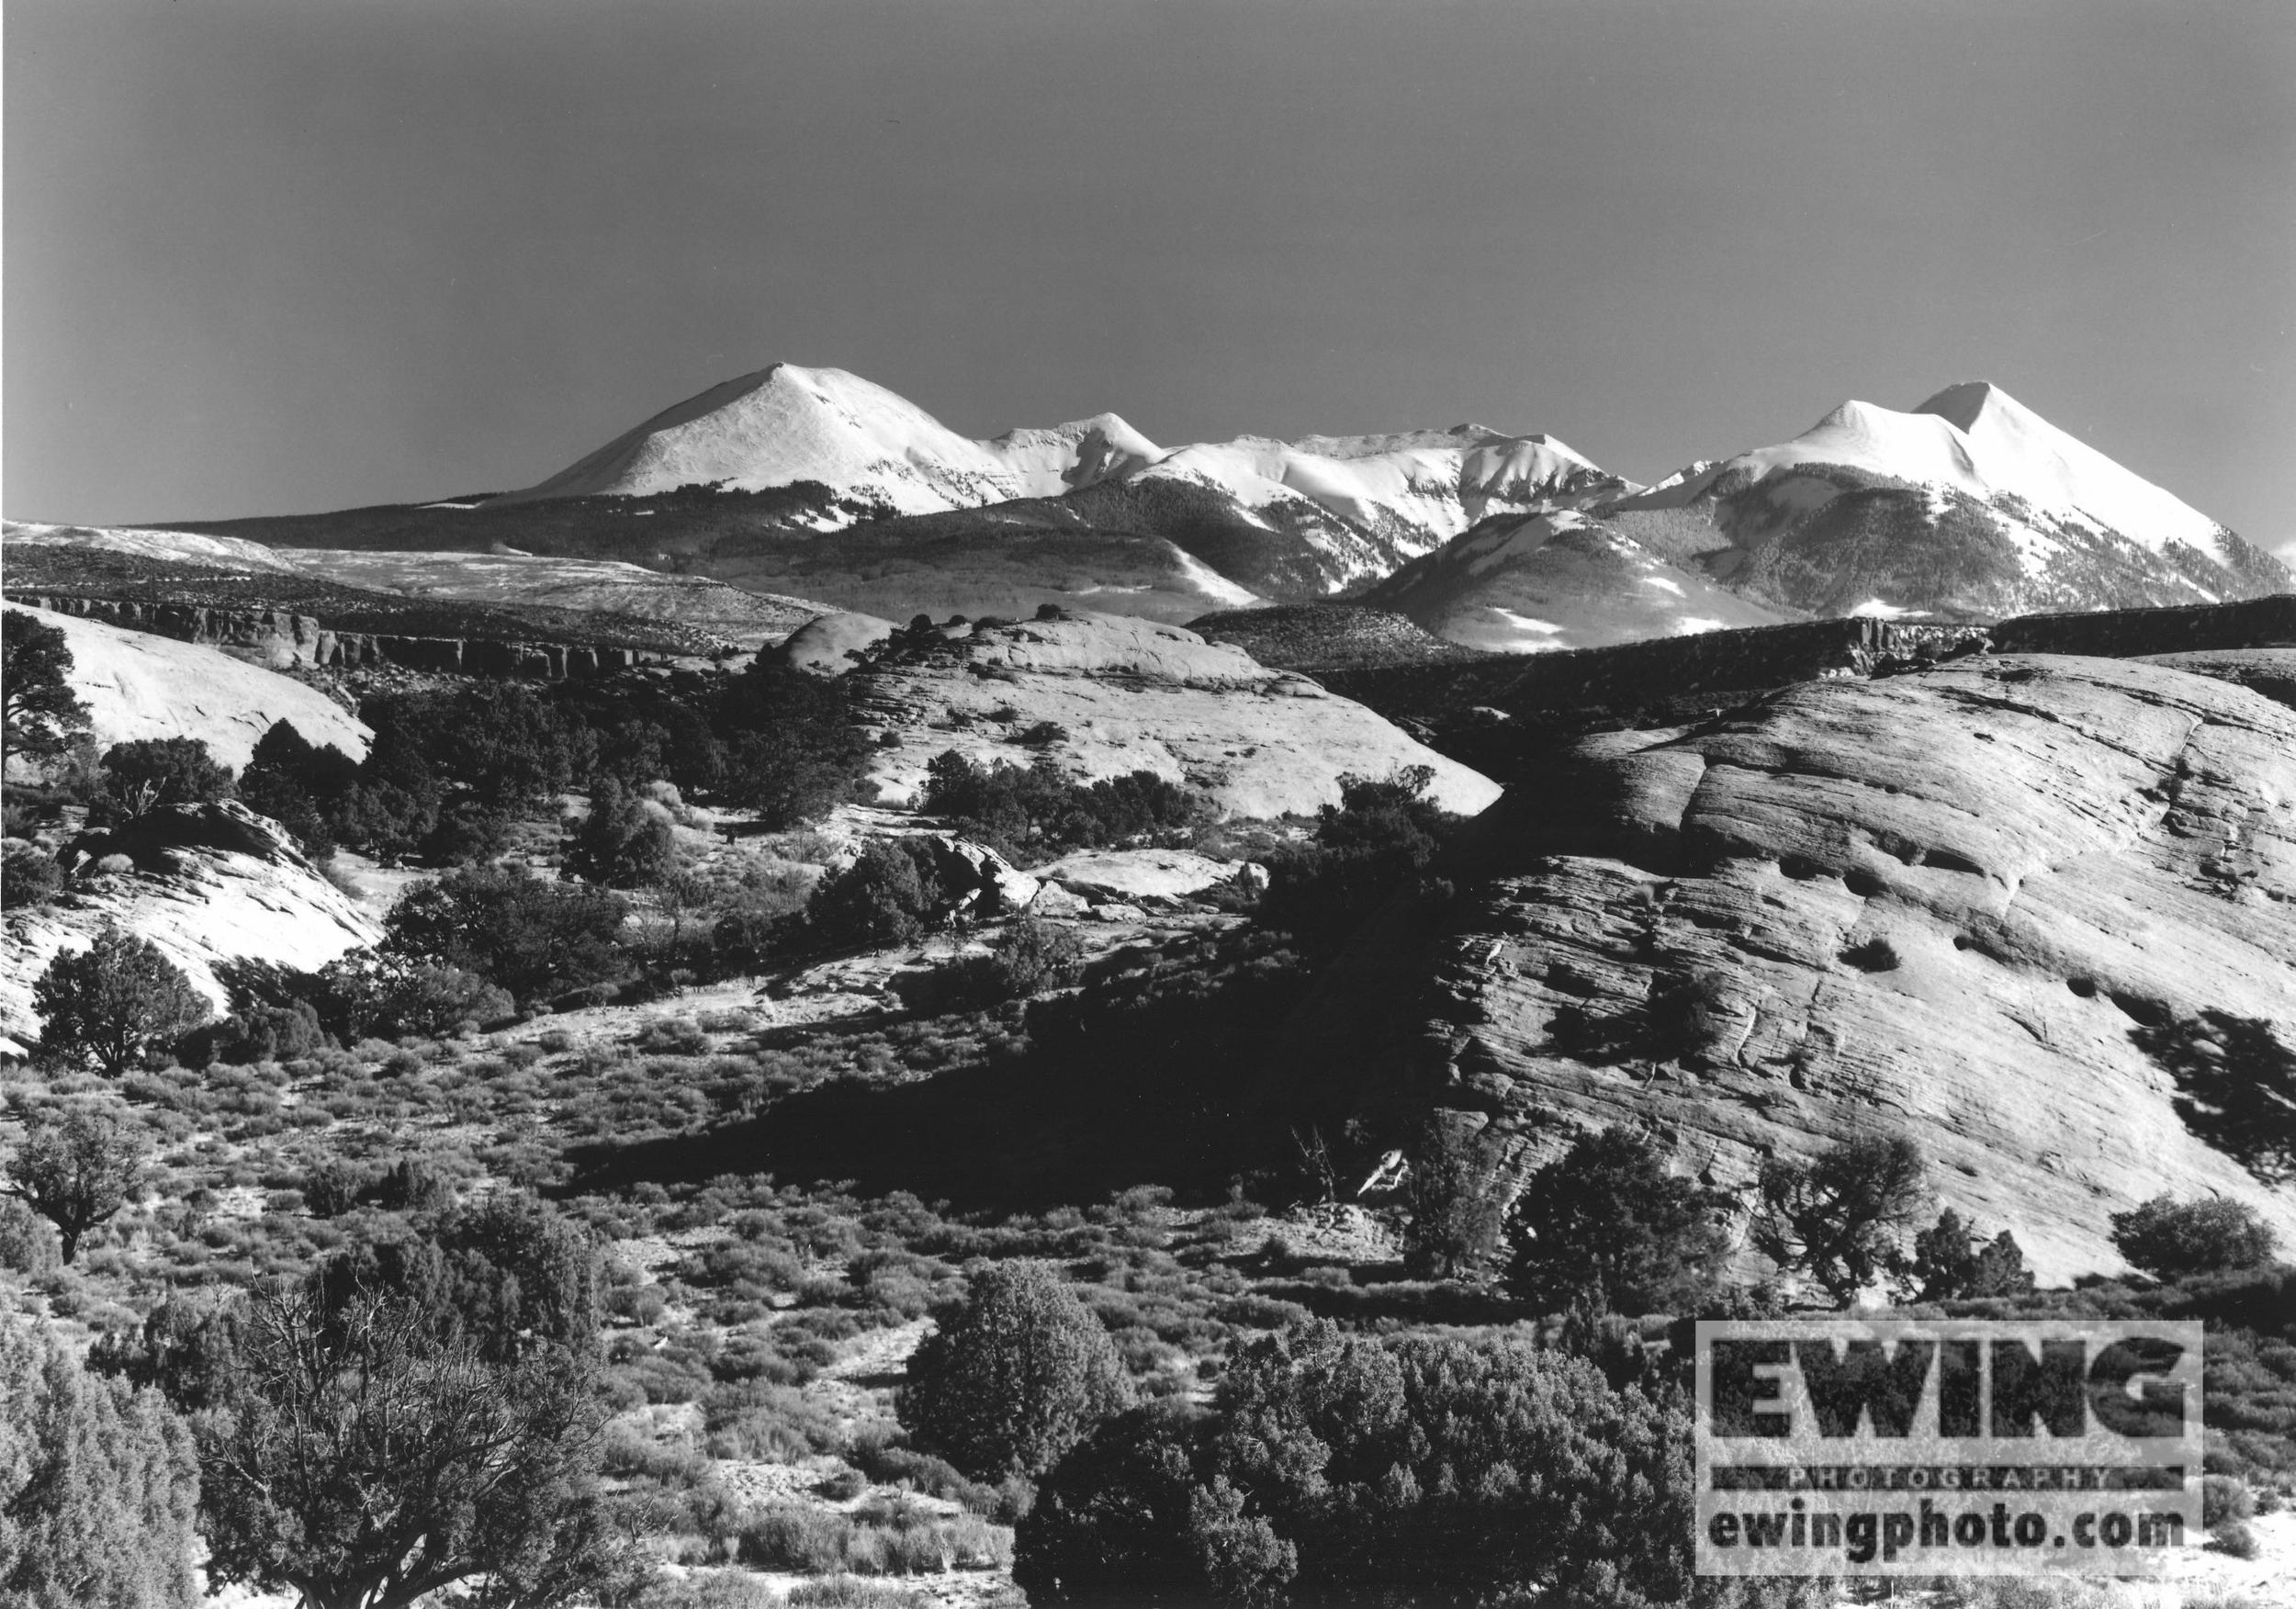 La Sal Mountains, Sand Flats Moab, Utah